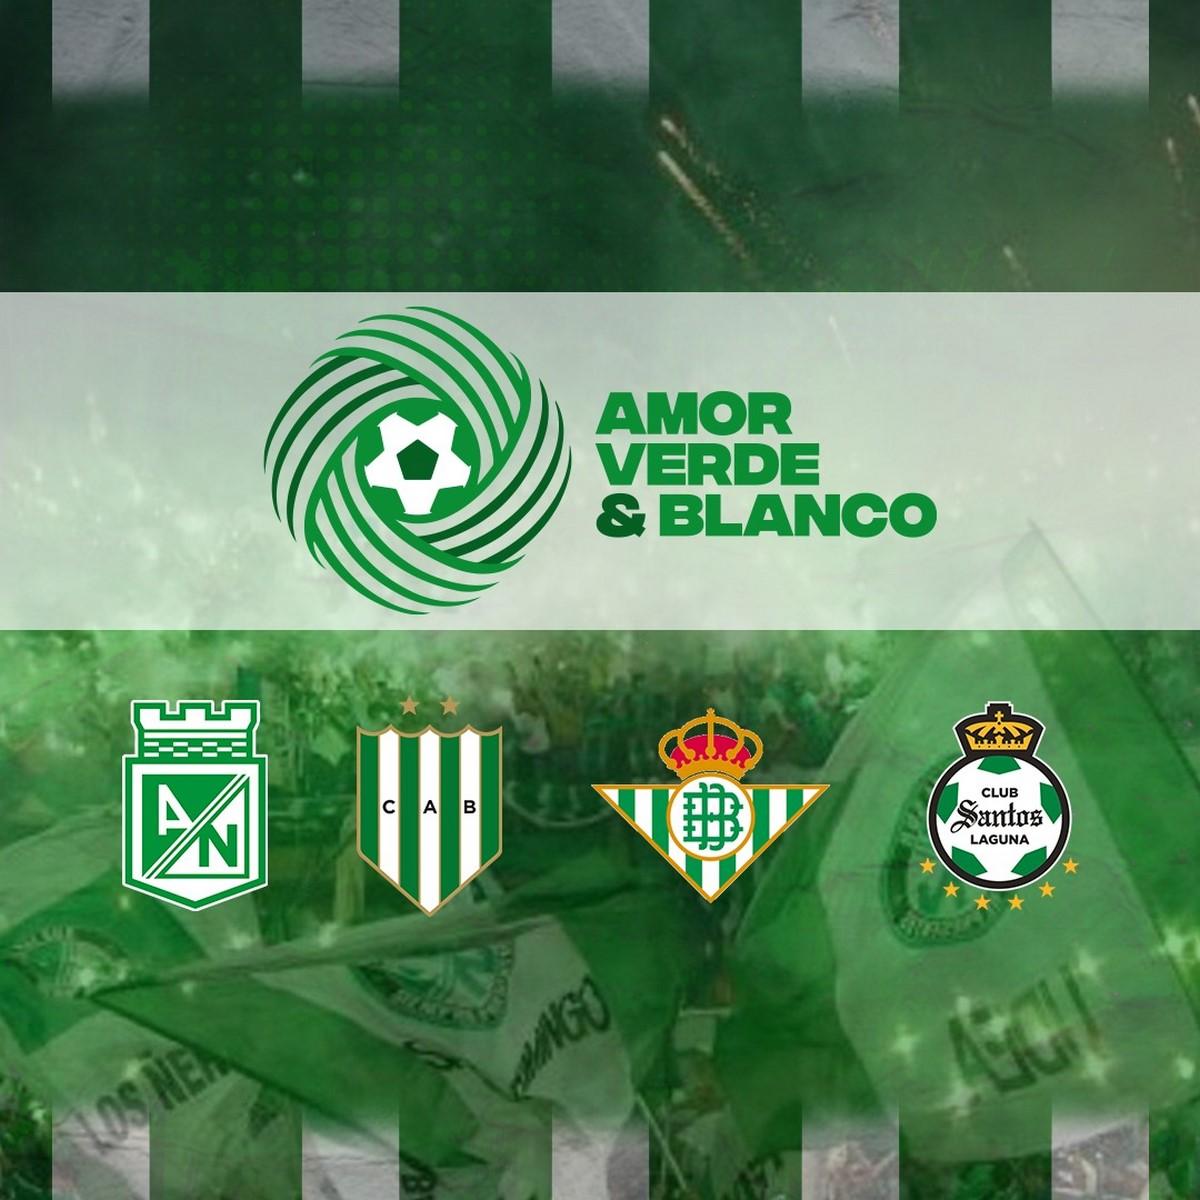 Atletico Nacional Banfield Betis y Santos Laguna unidos por la misma pasion